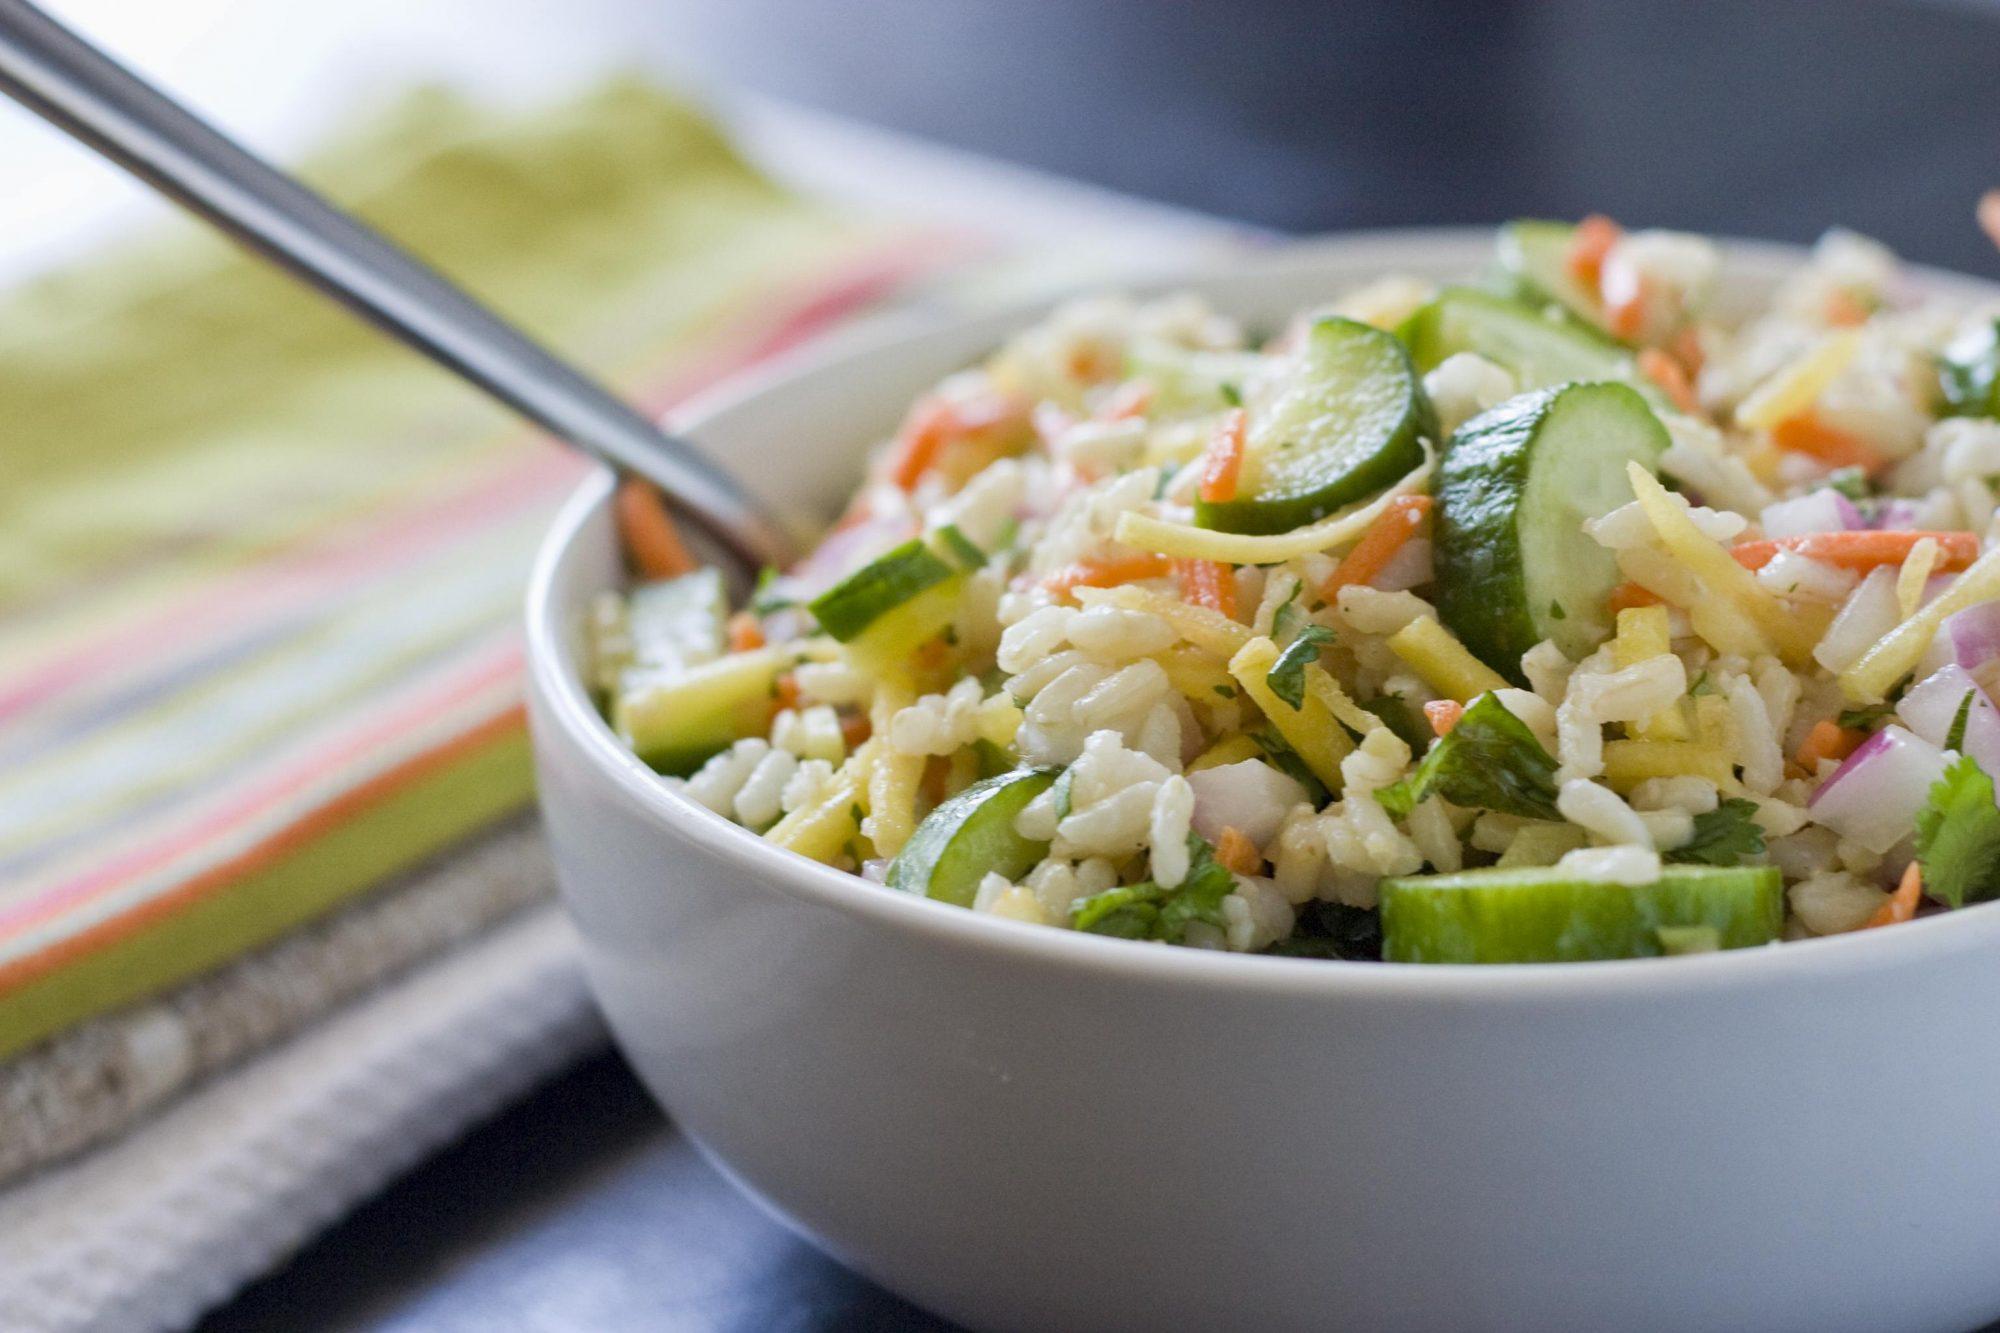 Sweet Lemon, Cucumber & Brown Rice Salad